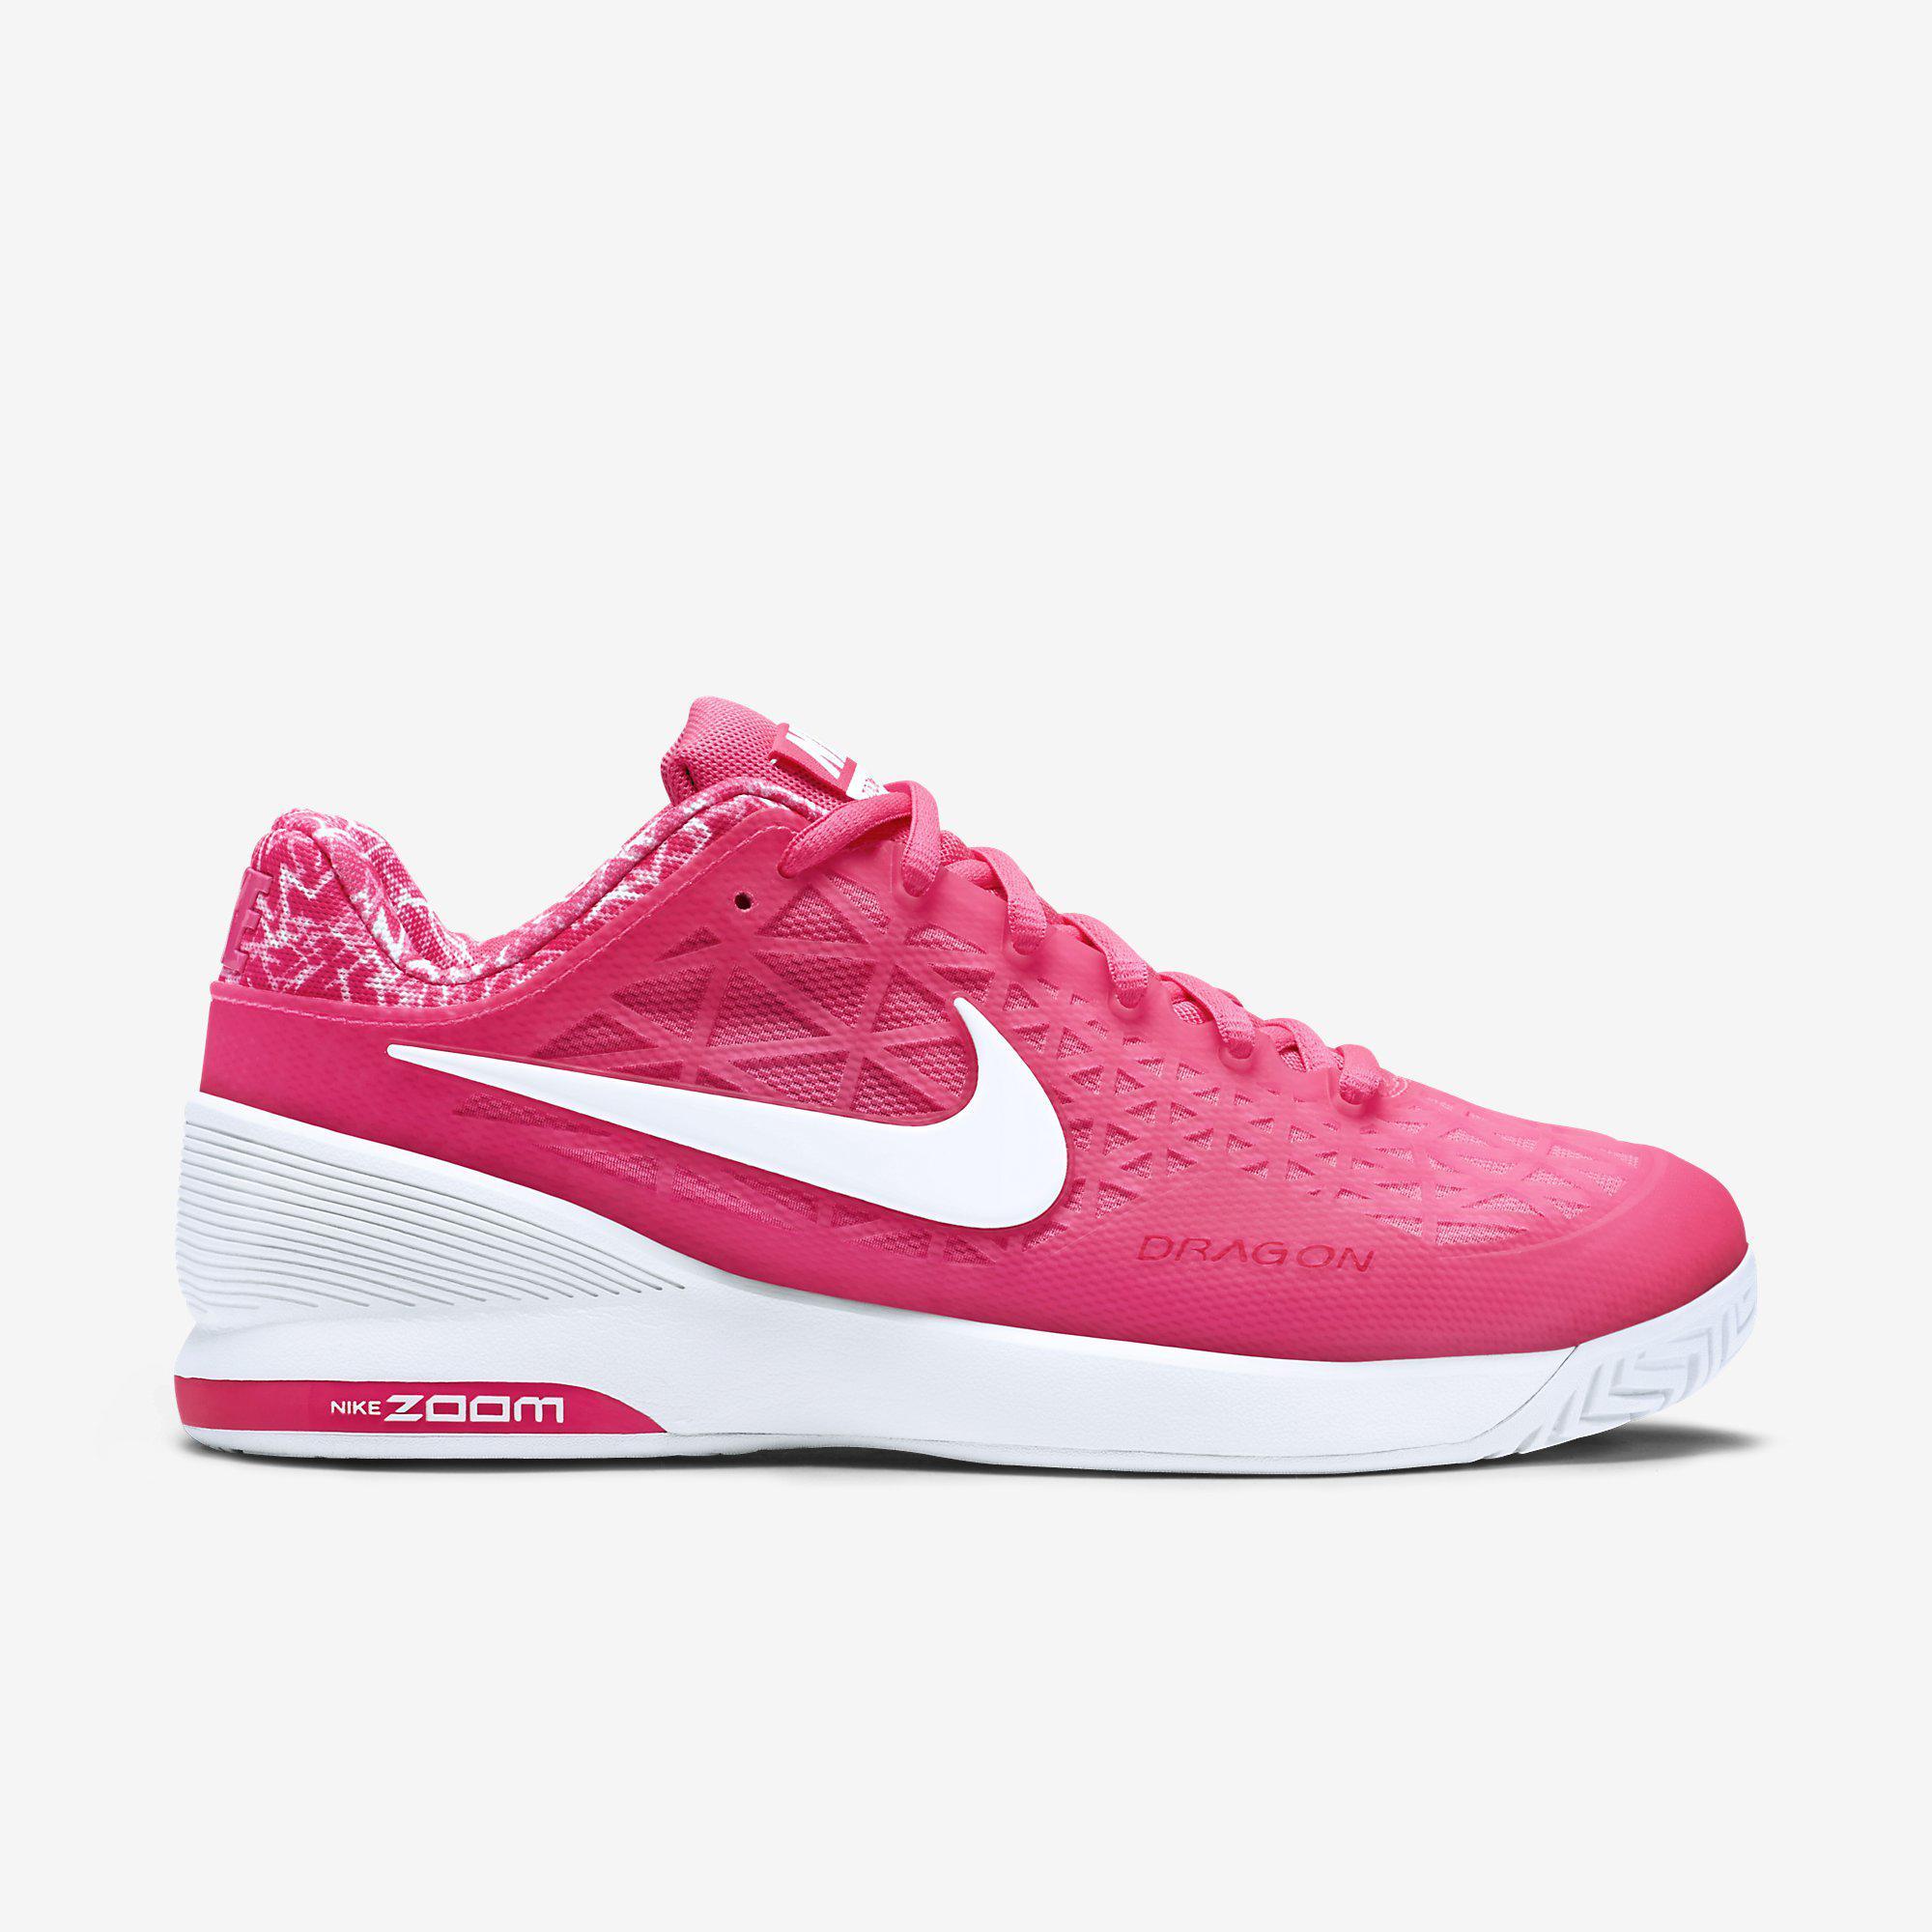 83db64b28225 Nike Womens Zoom Cage 2 Tennis Shoes - Pink White - Tennisnuts.com